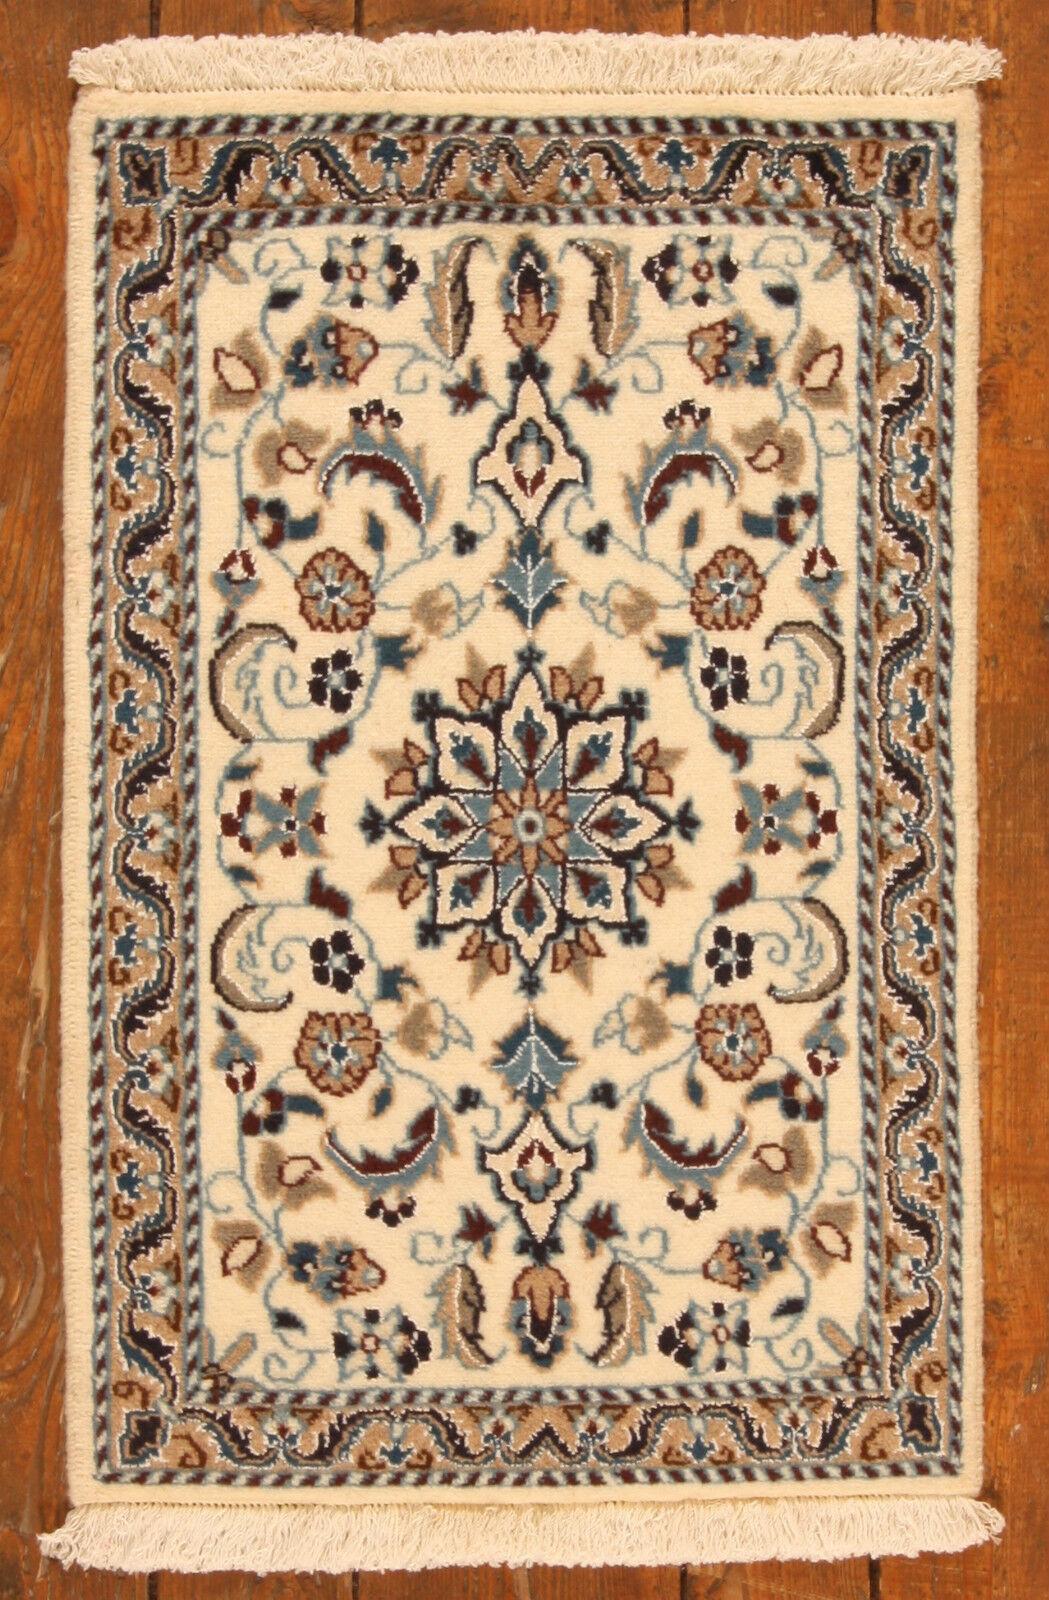 TAPPETO Orientale Vero Annodato Tapis persan 678 (90 (90 (90 x 60) cm Nuovo 1bf693